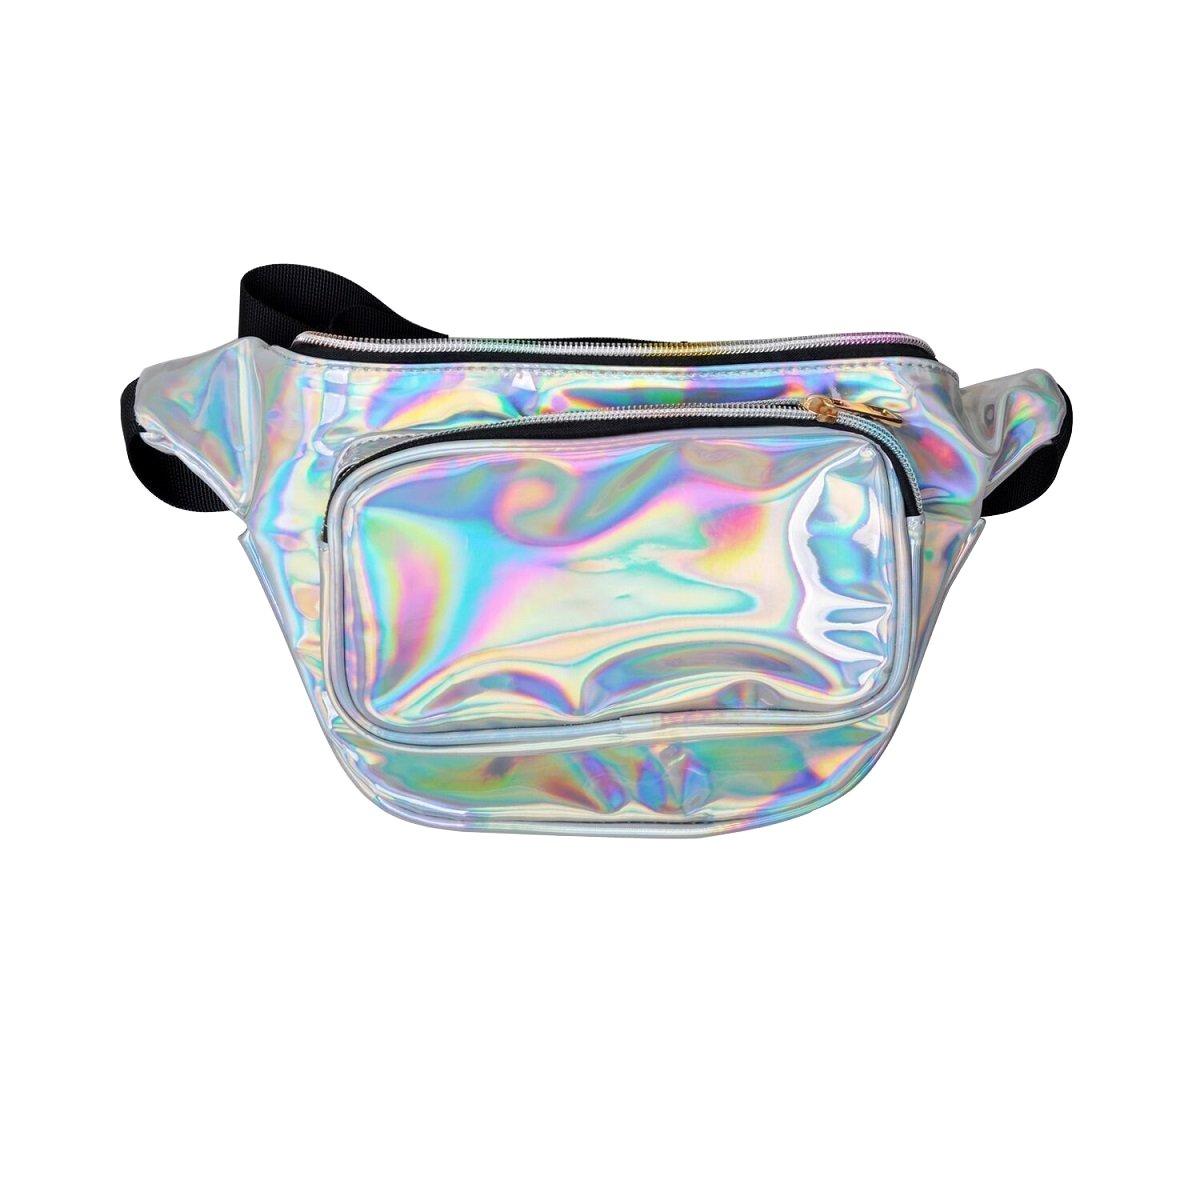 Holografische Gürteltasche für Damen, glänzend, silberfarben